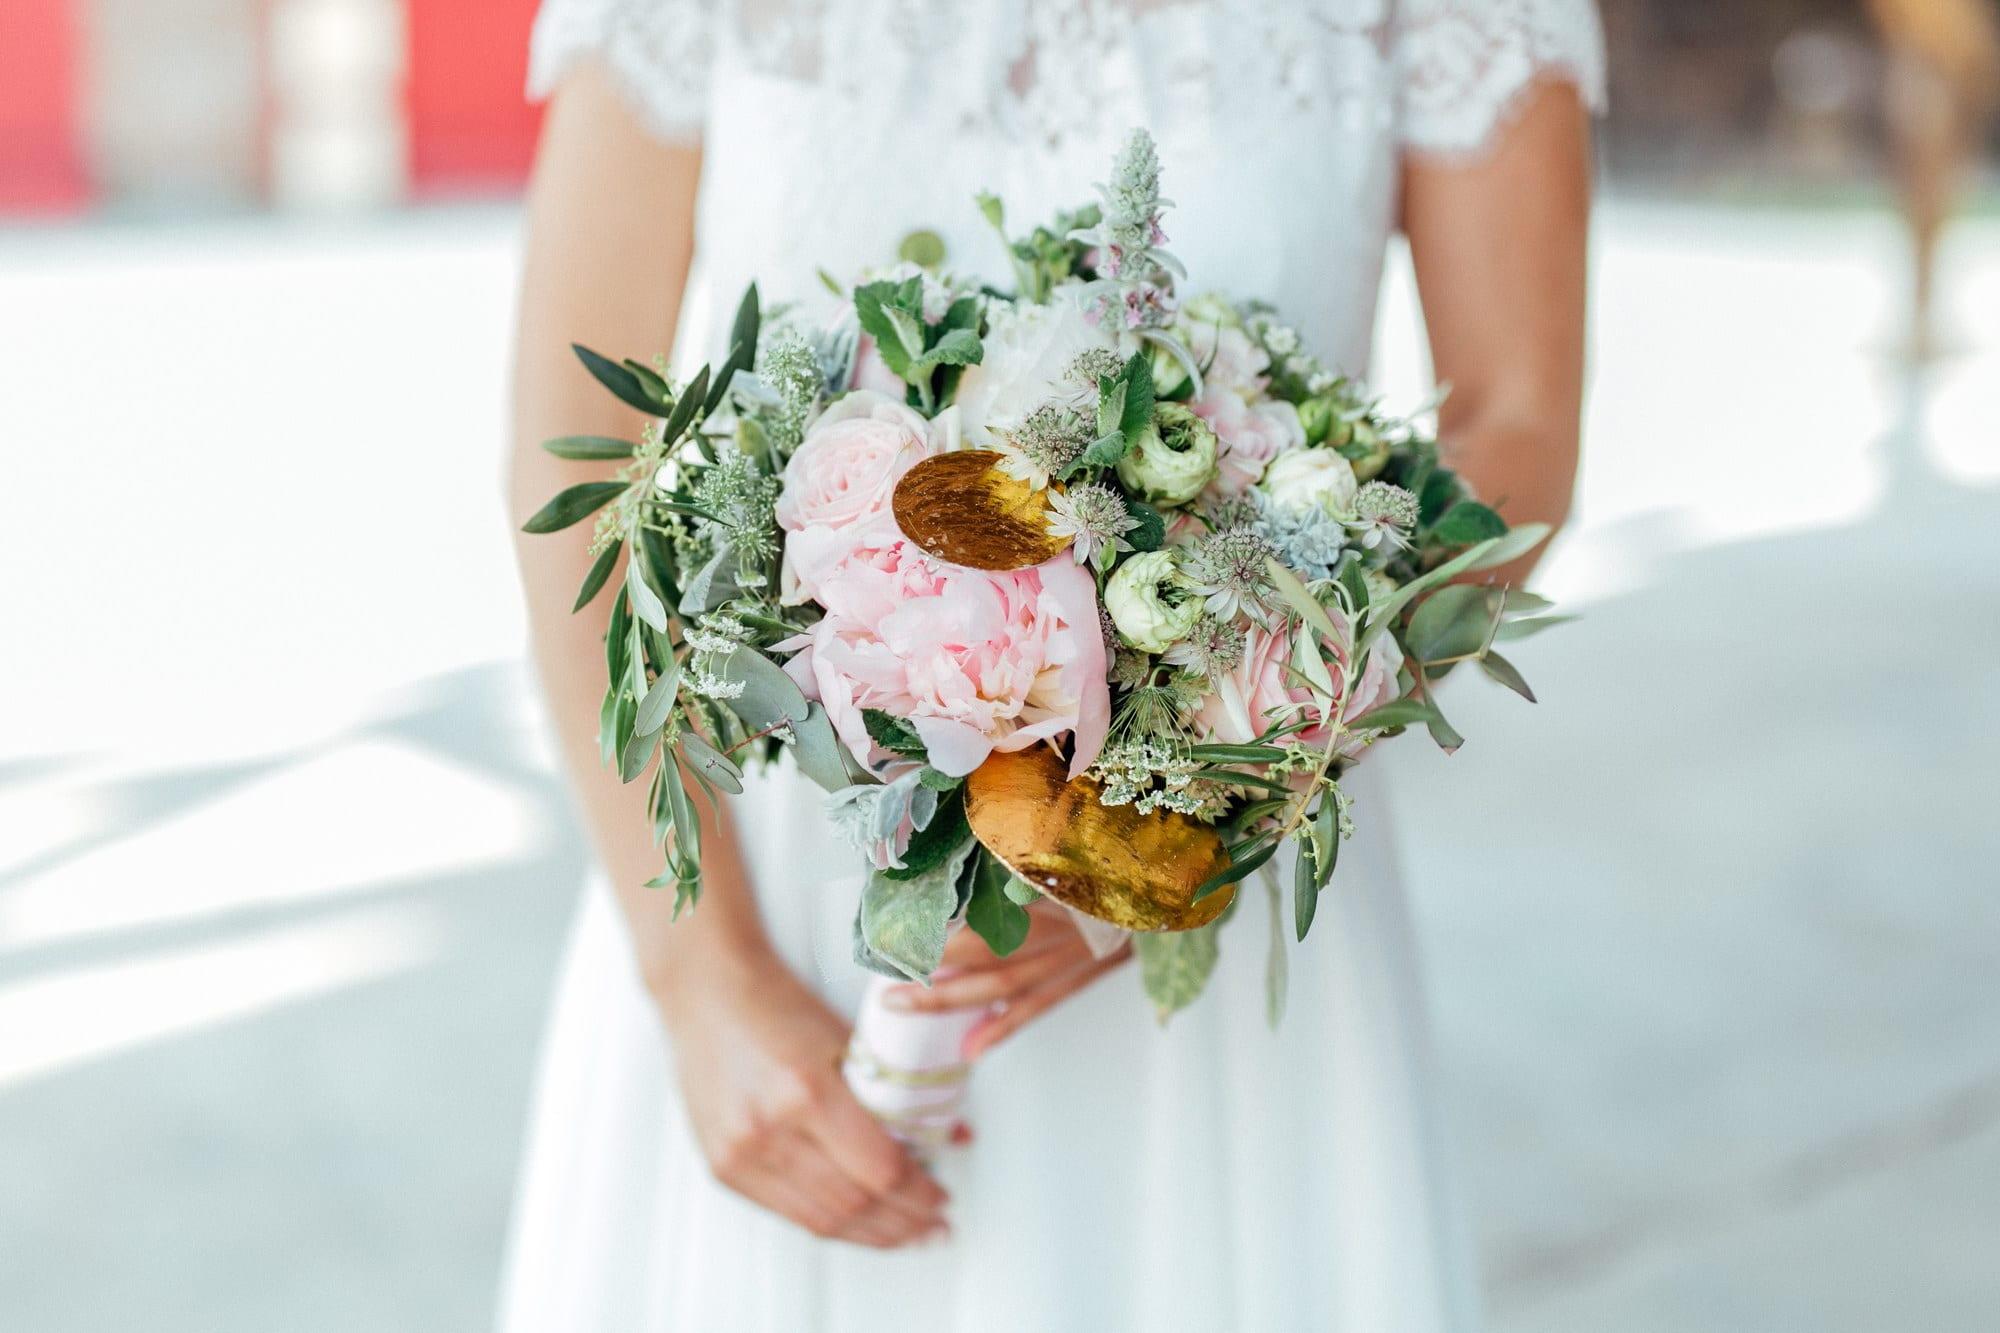 Brautstrauß Braut Hände Hochzeitskleid